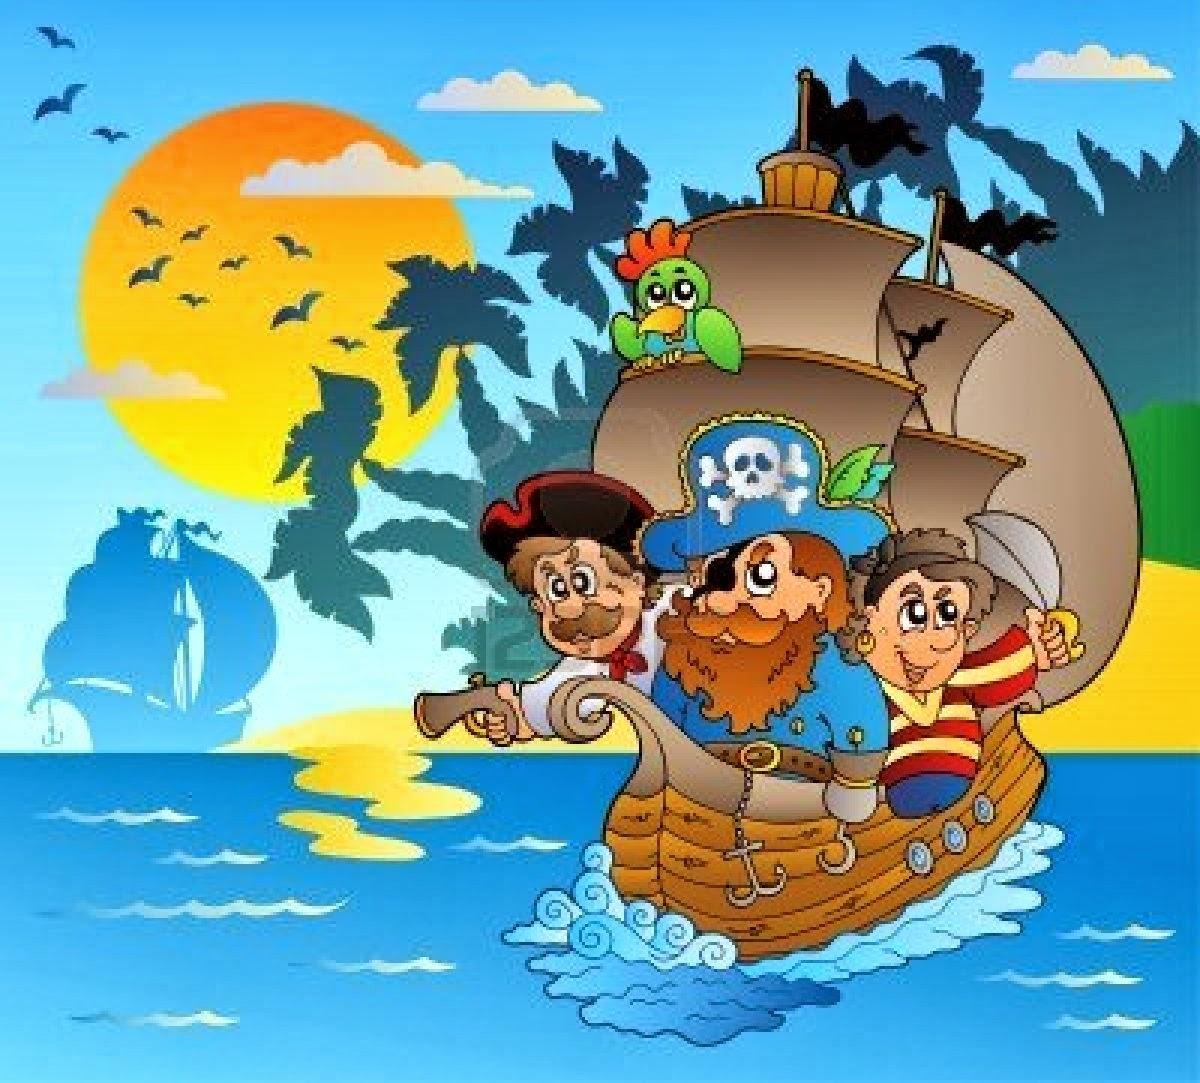 Diario de mis maestras preferidas 2 0 vicente el pirata valiente - Piratas infantiles imagenes ...